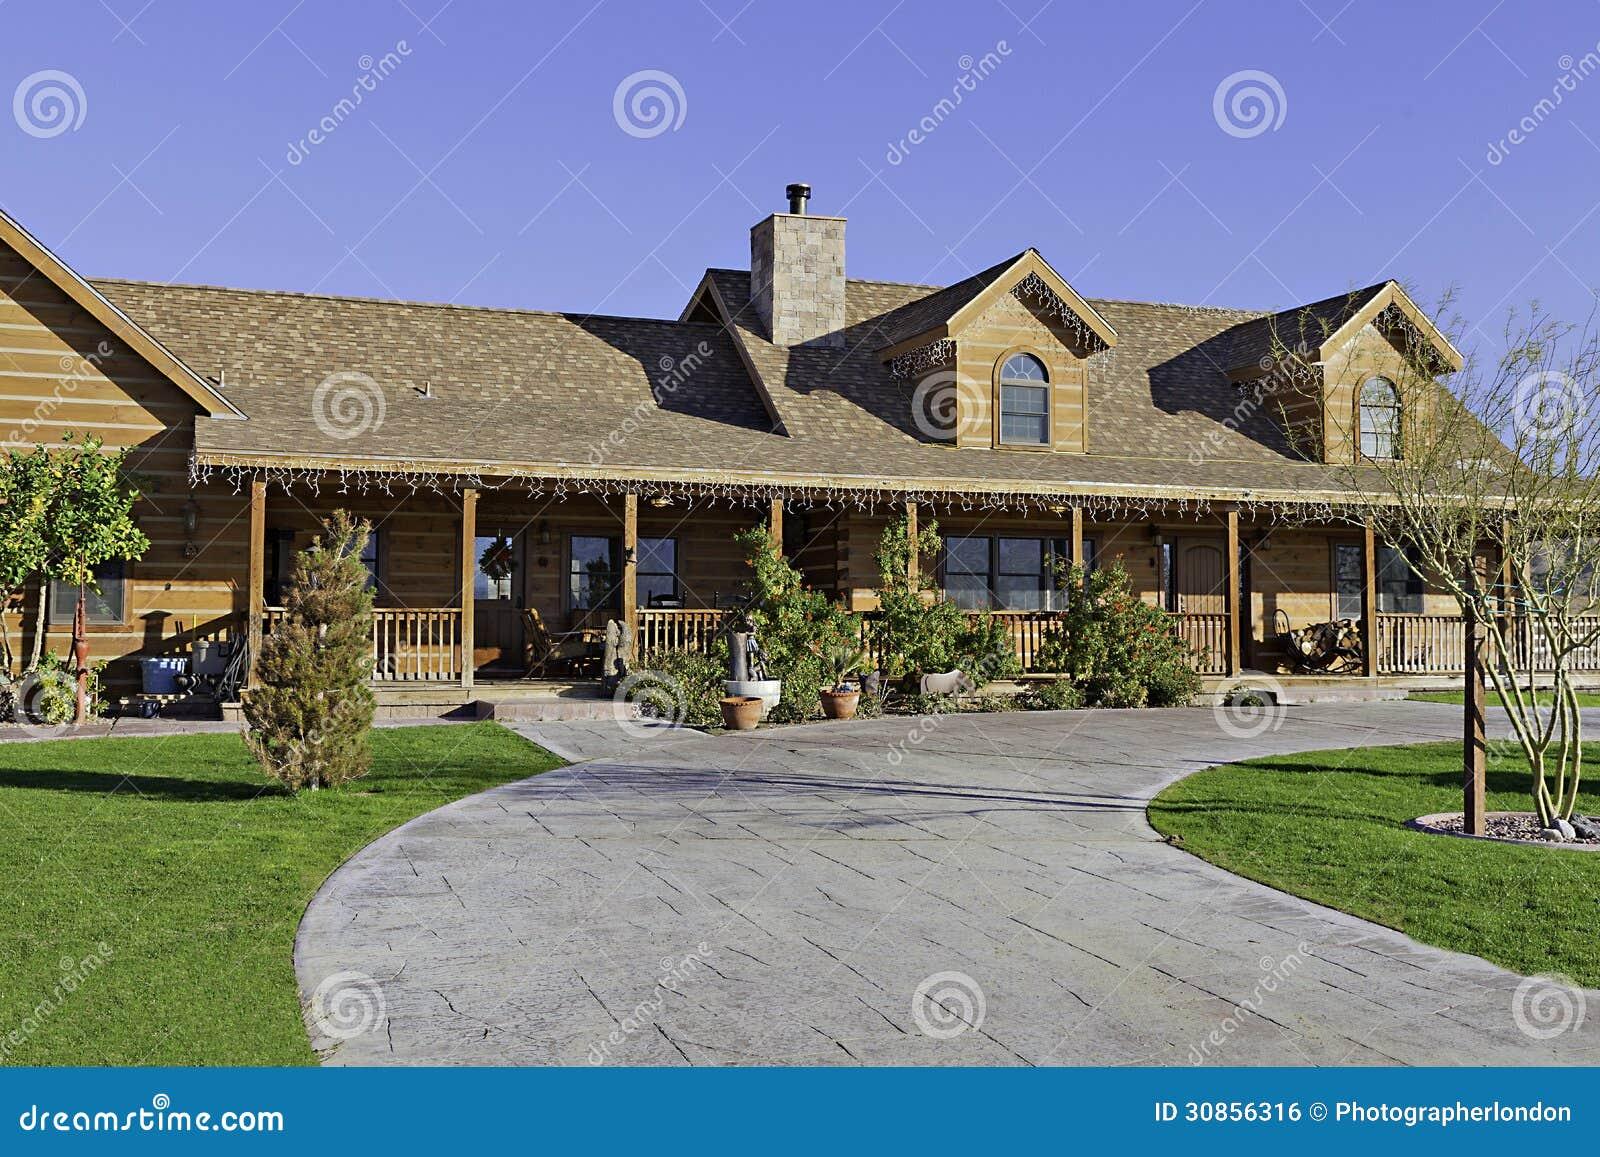 Ingang aan een buitenkant van het boerderijhuis stock foto afbeelding 30856316 - Ingang van een huis ...